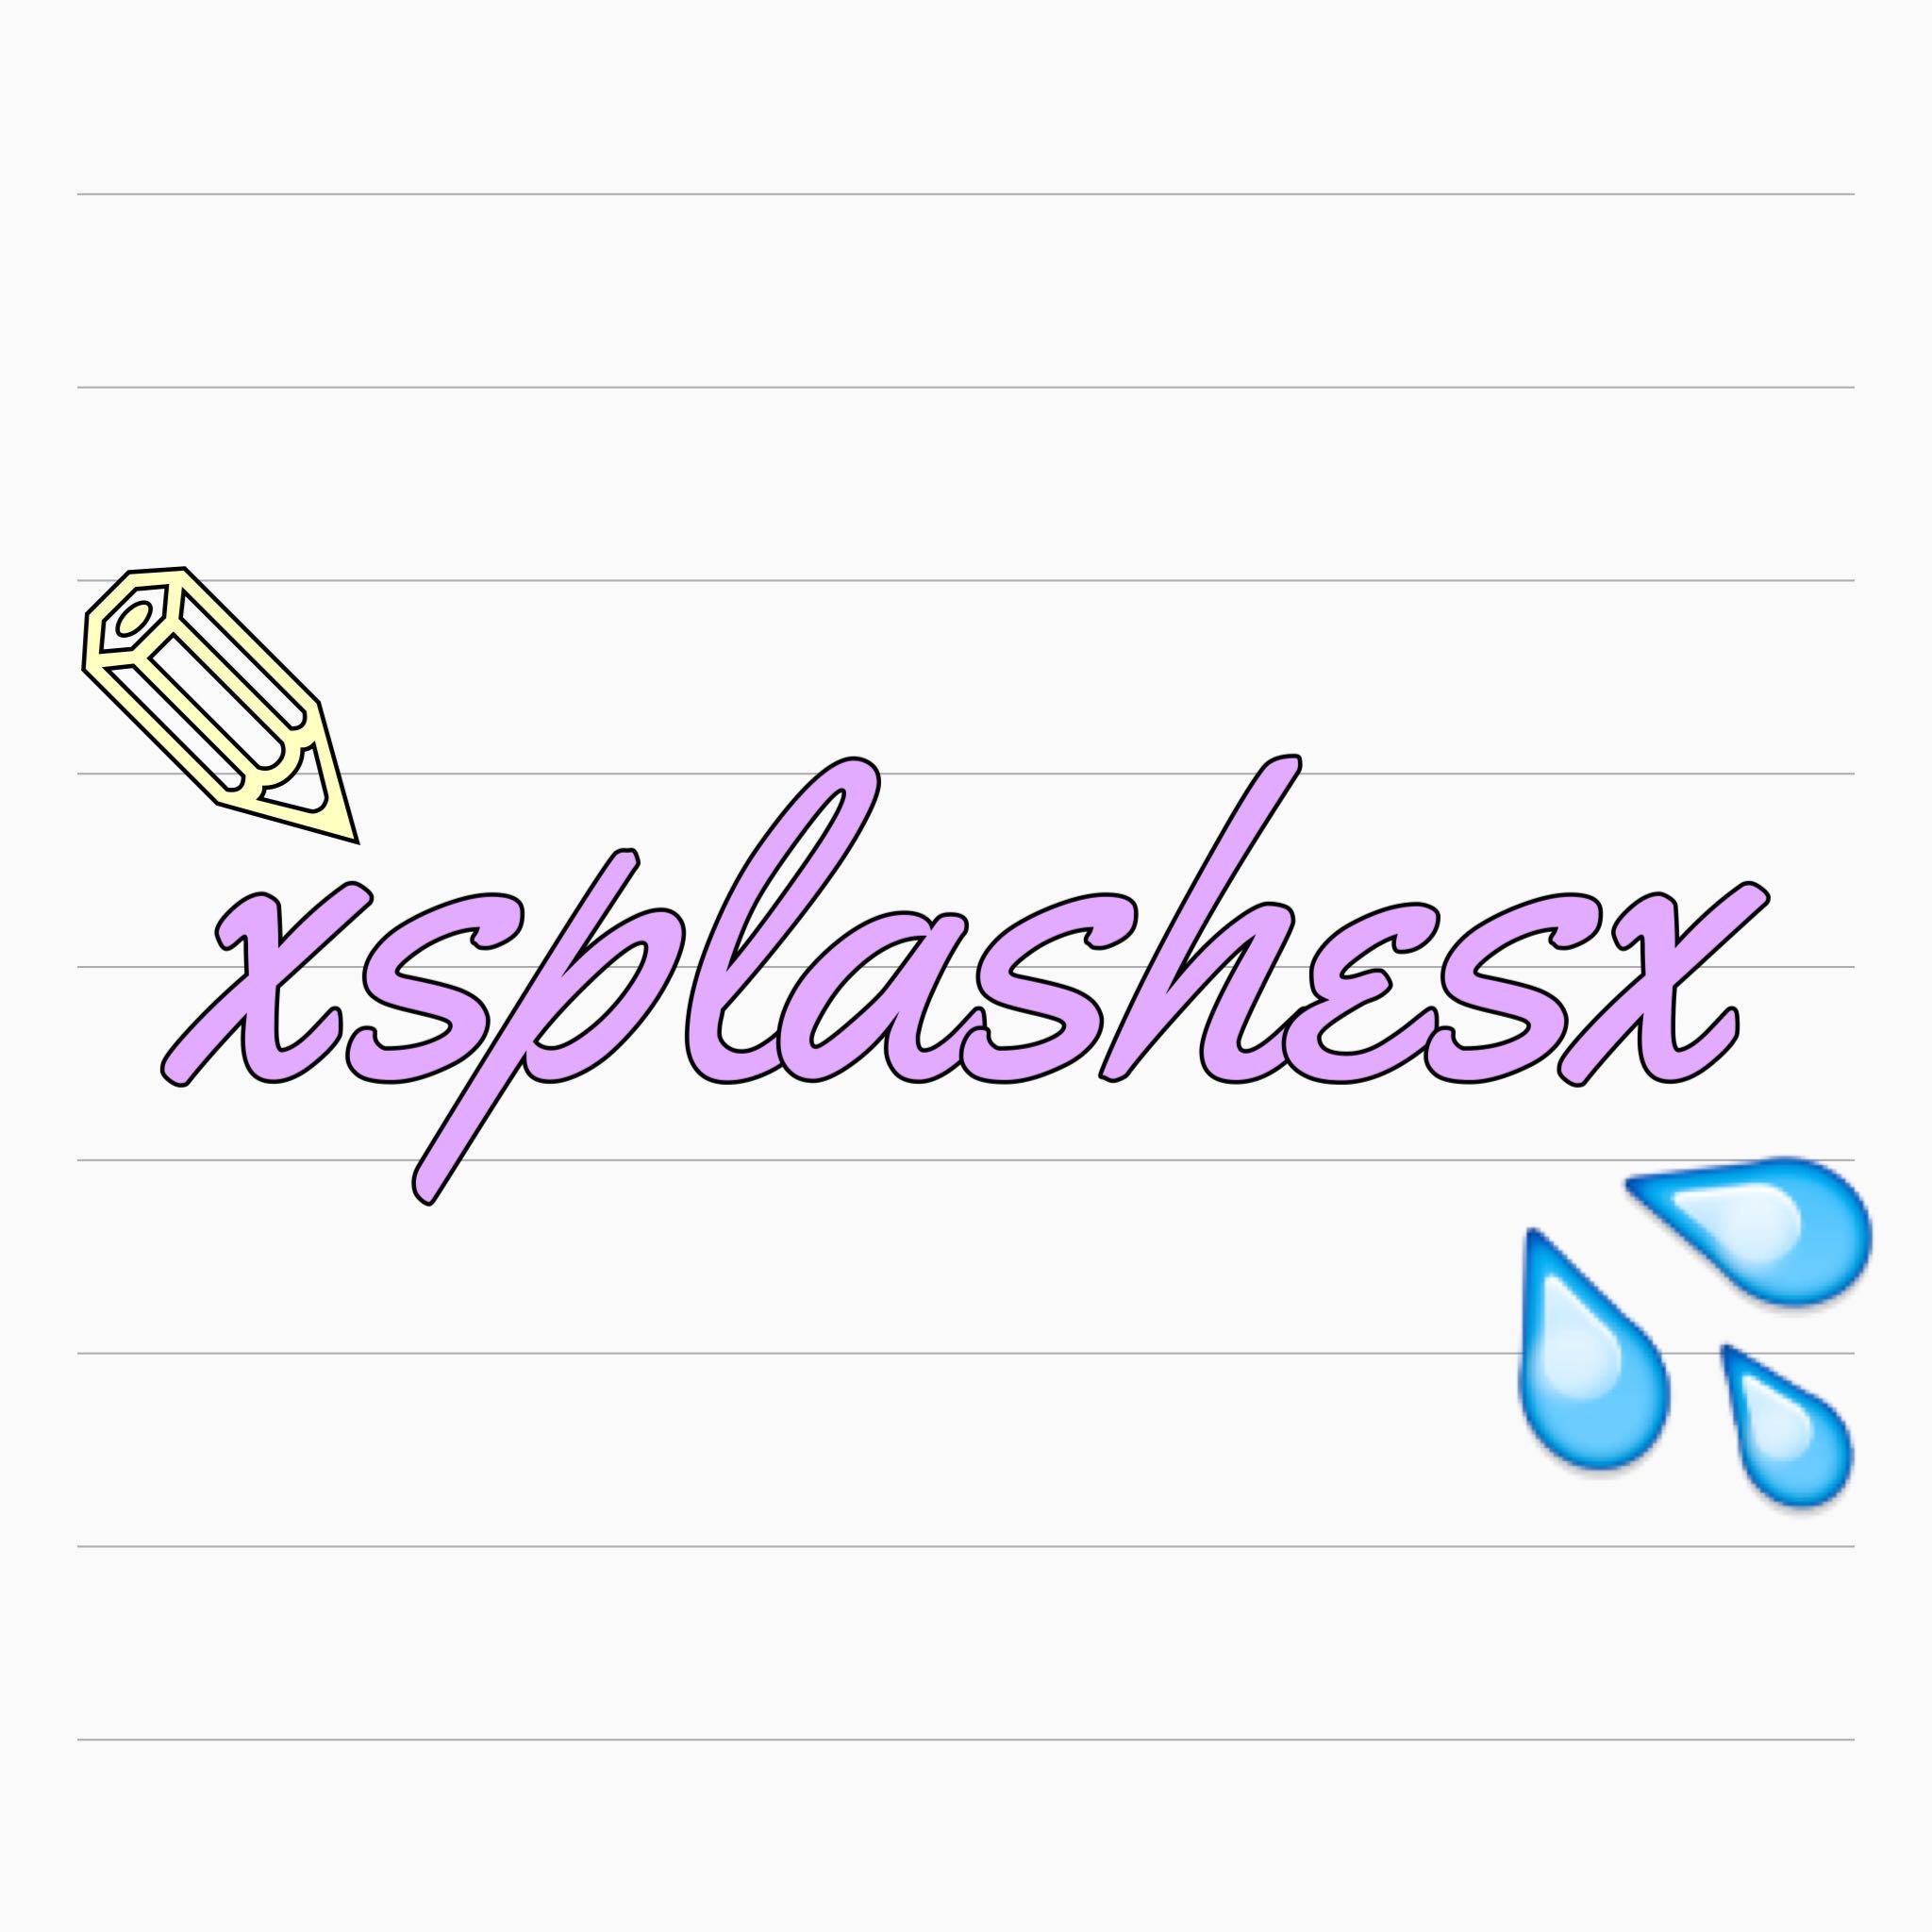 xsplashesx